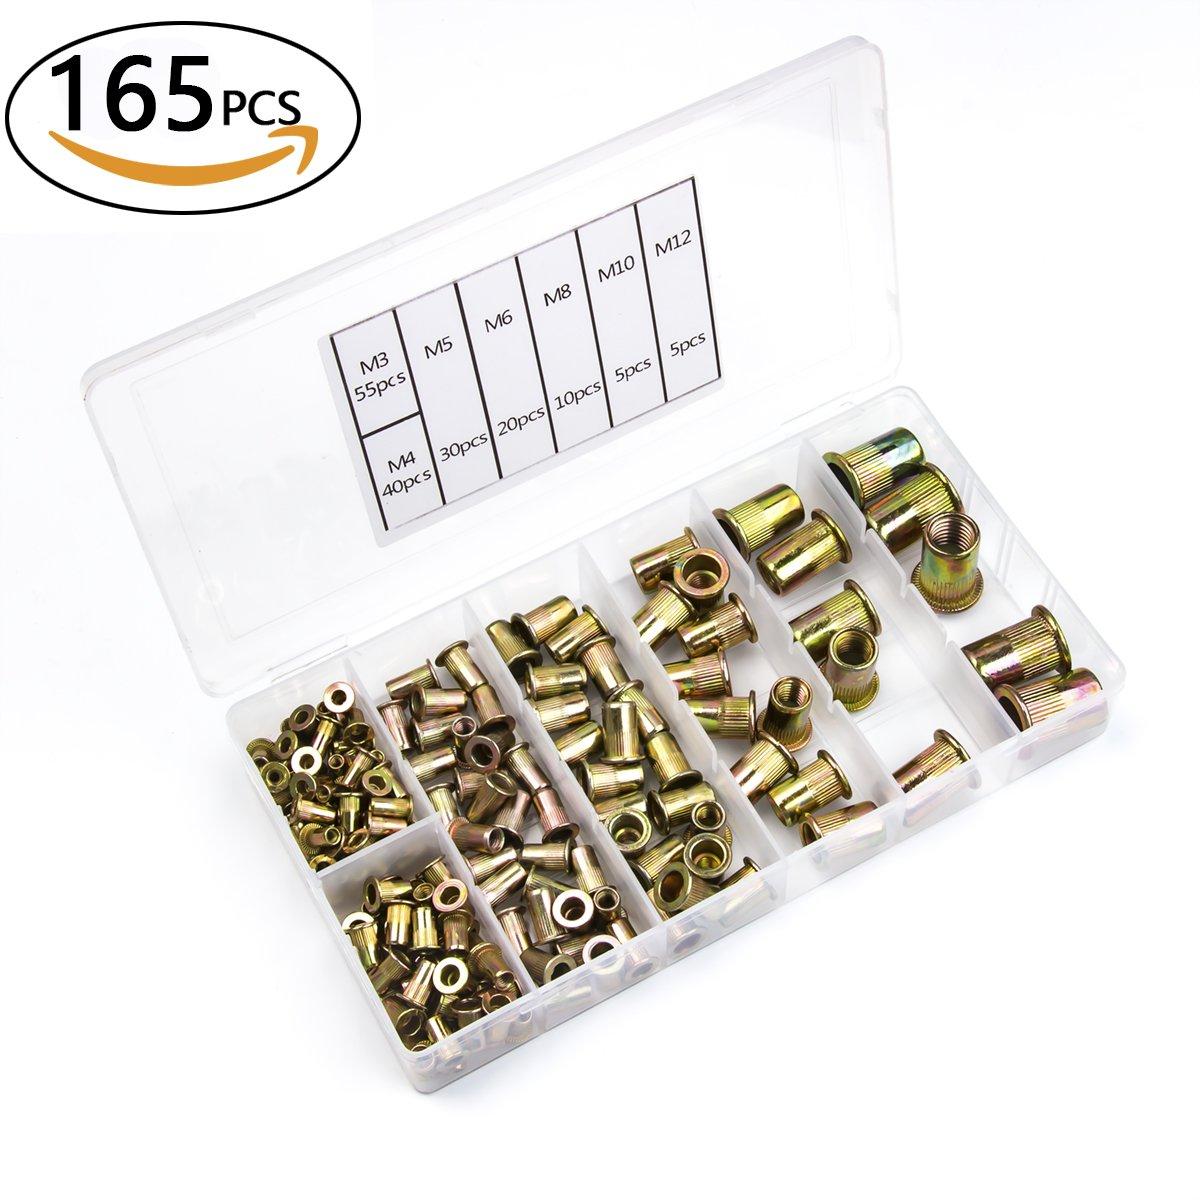 Urlwall 165 PCS Rivet Nut Assortment Kit, Zinc Plated Carbon Steel Rivnut, Threaded Insert Nutsert, Blind Rivet Nuts Fasteners, M3 M4 M5 M6 M8 M10 M12 Set with Box